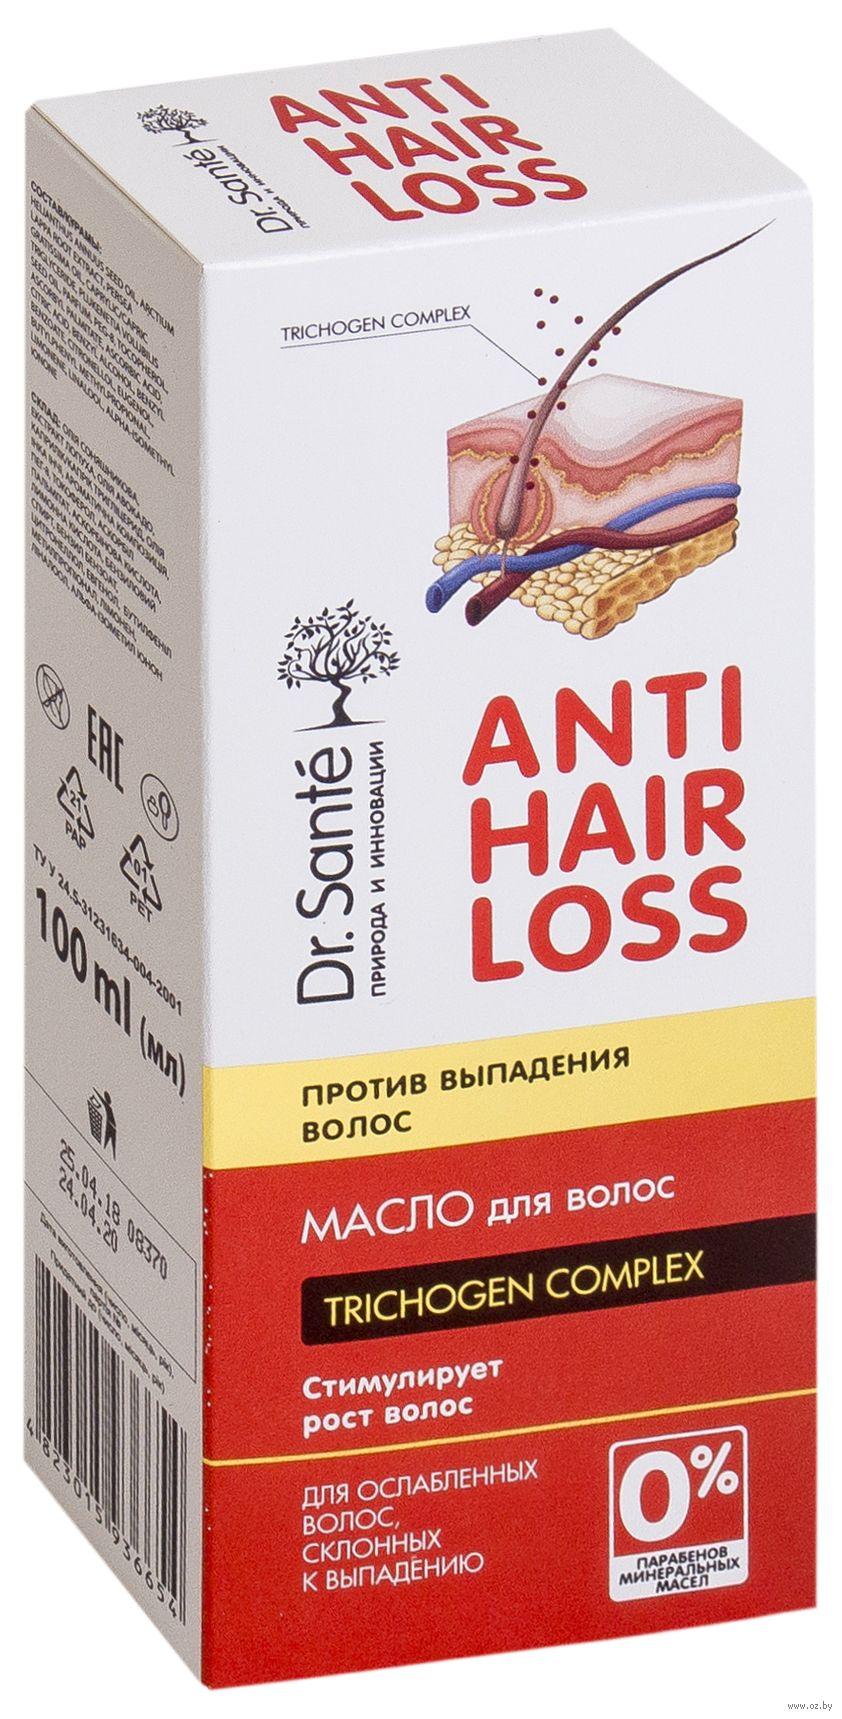 10 масел от выпадения волос